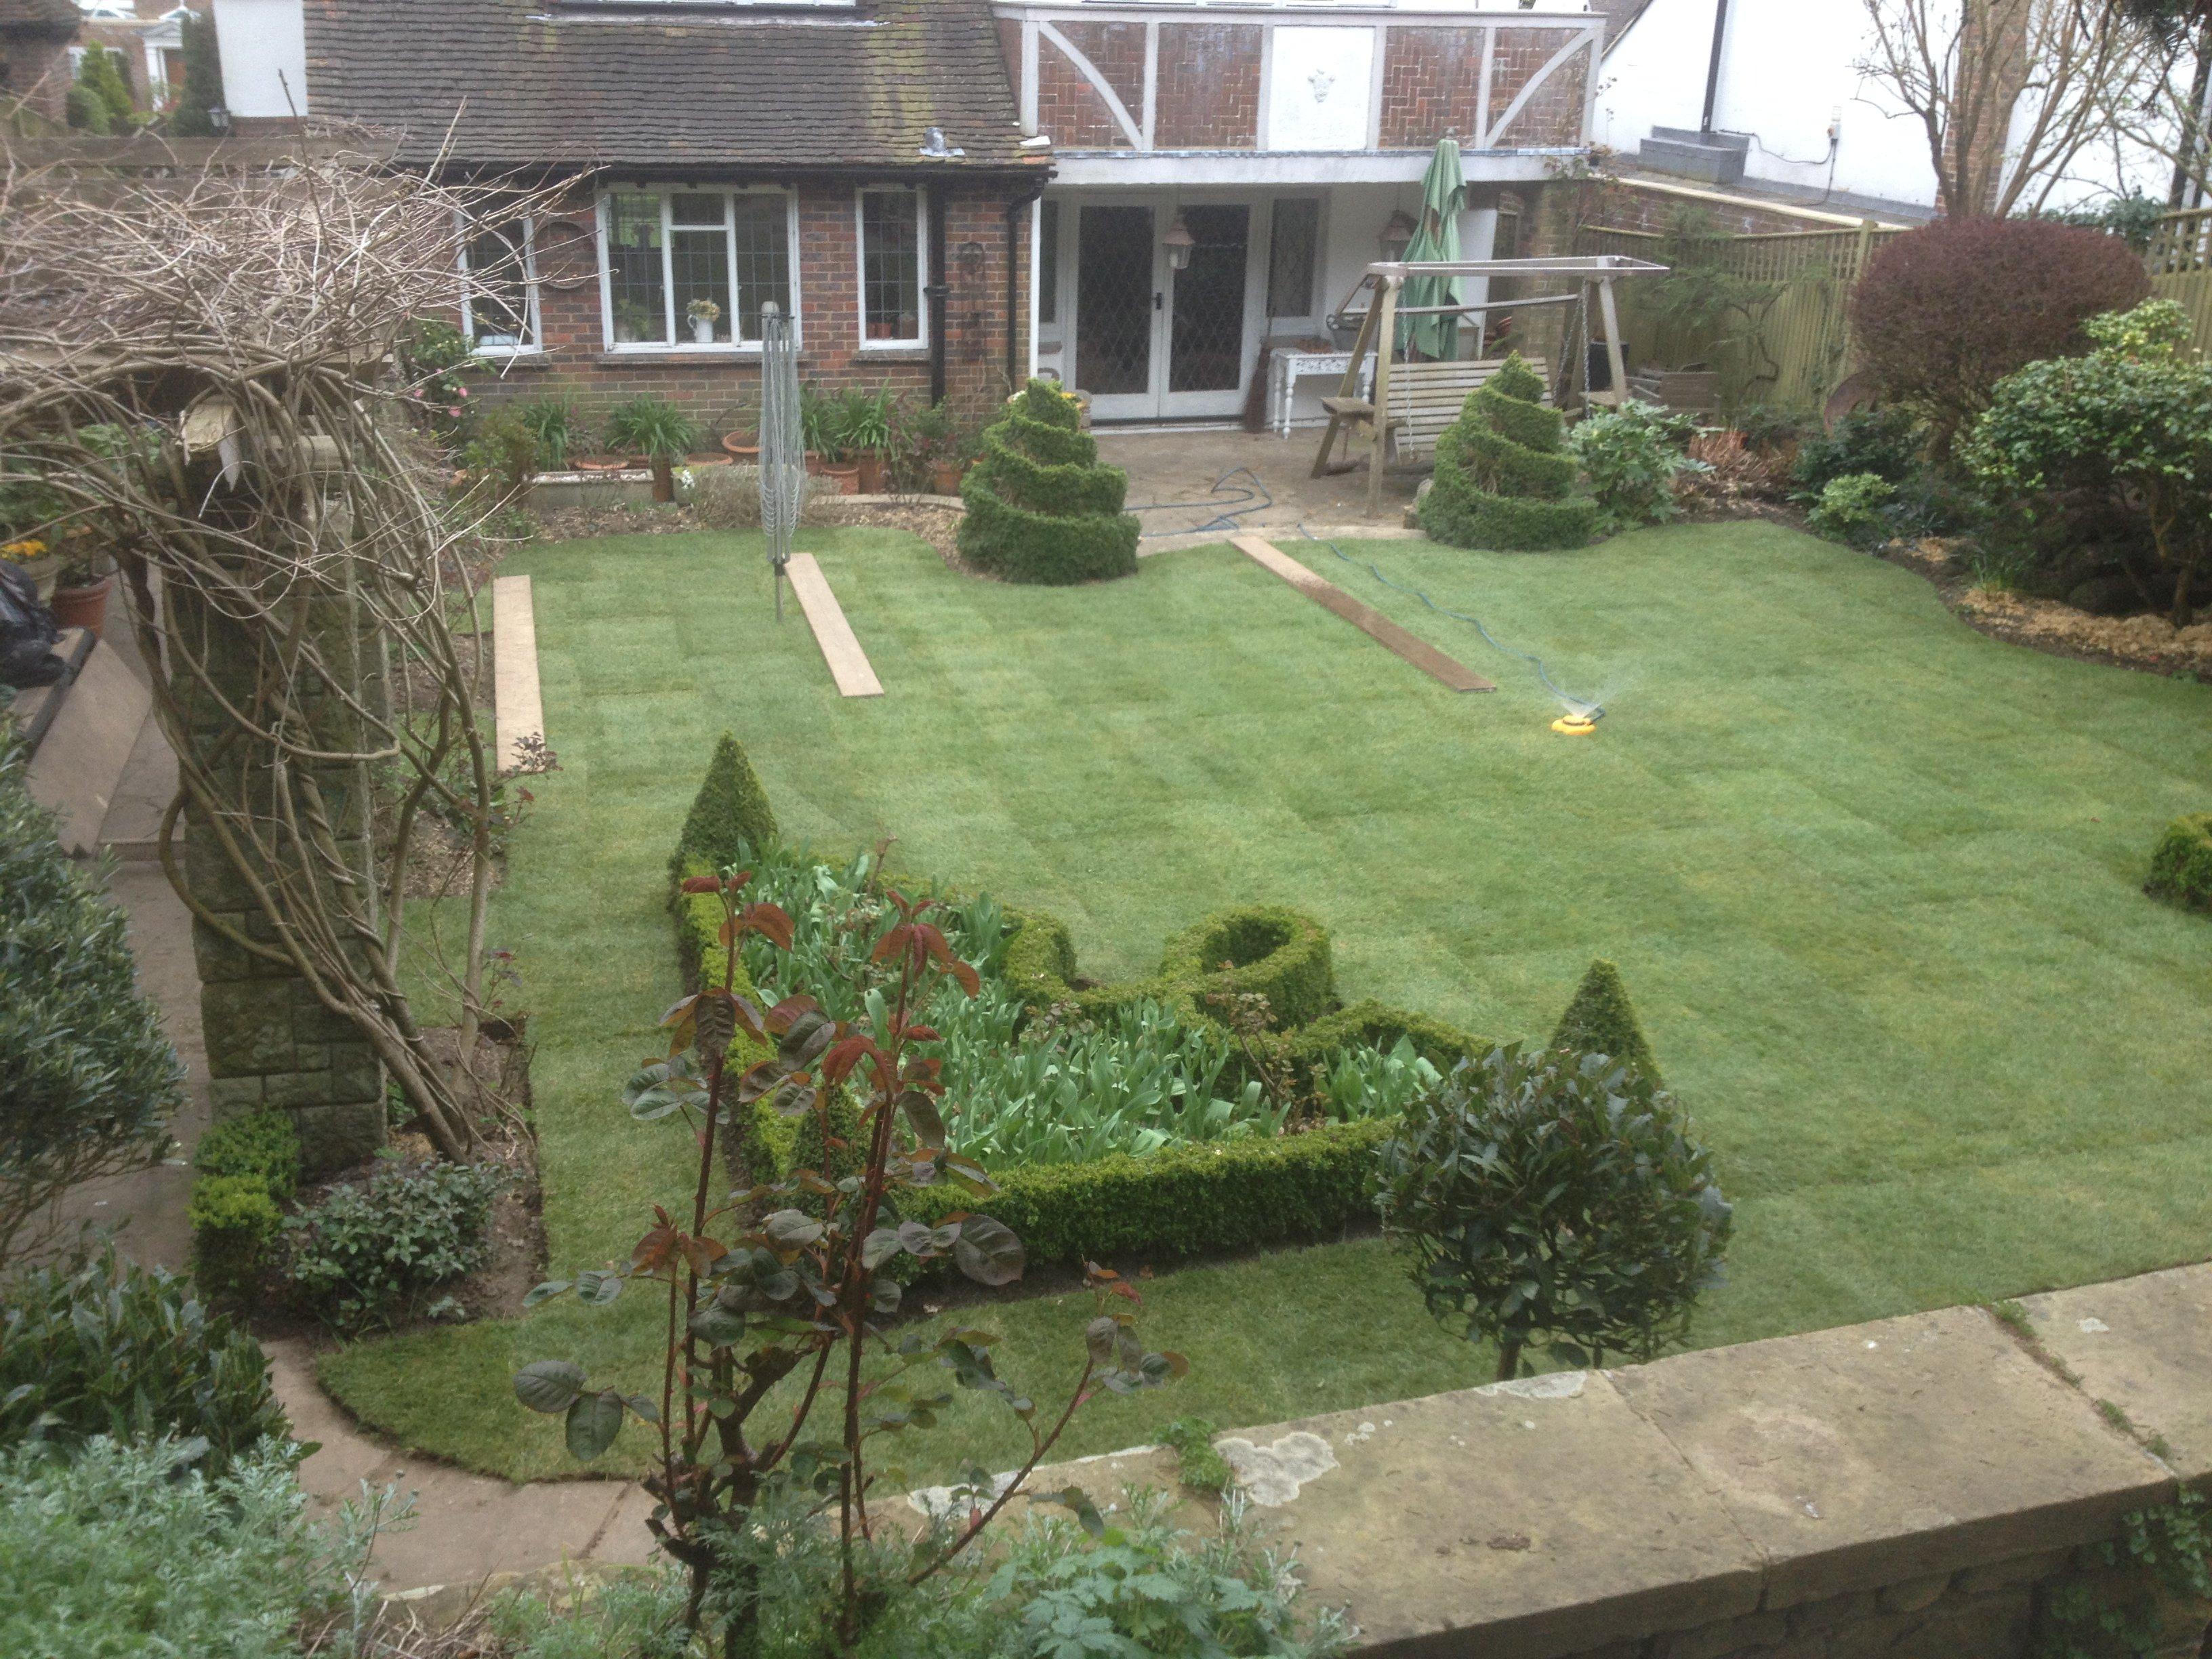 Ornate garden designs